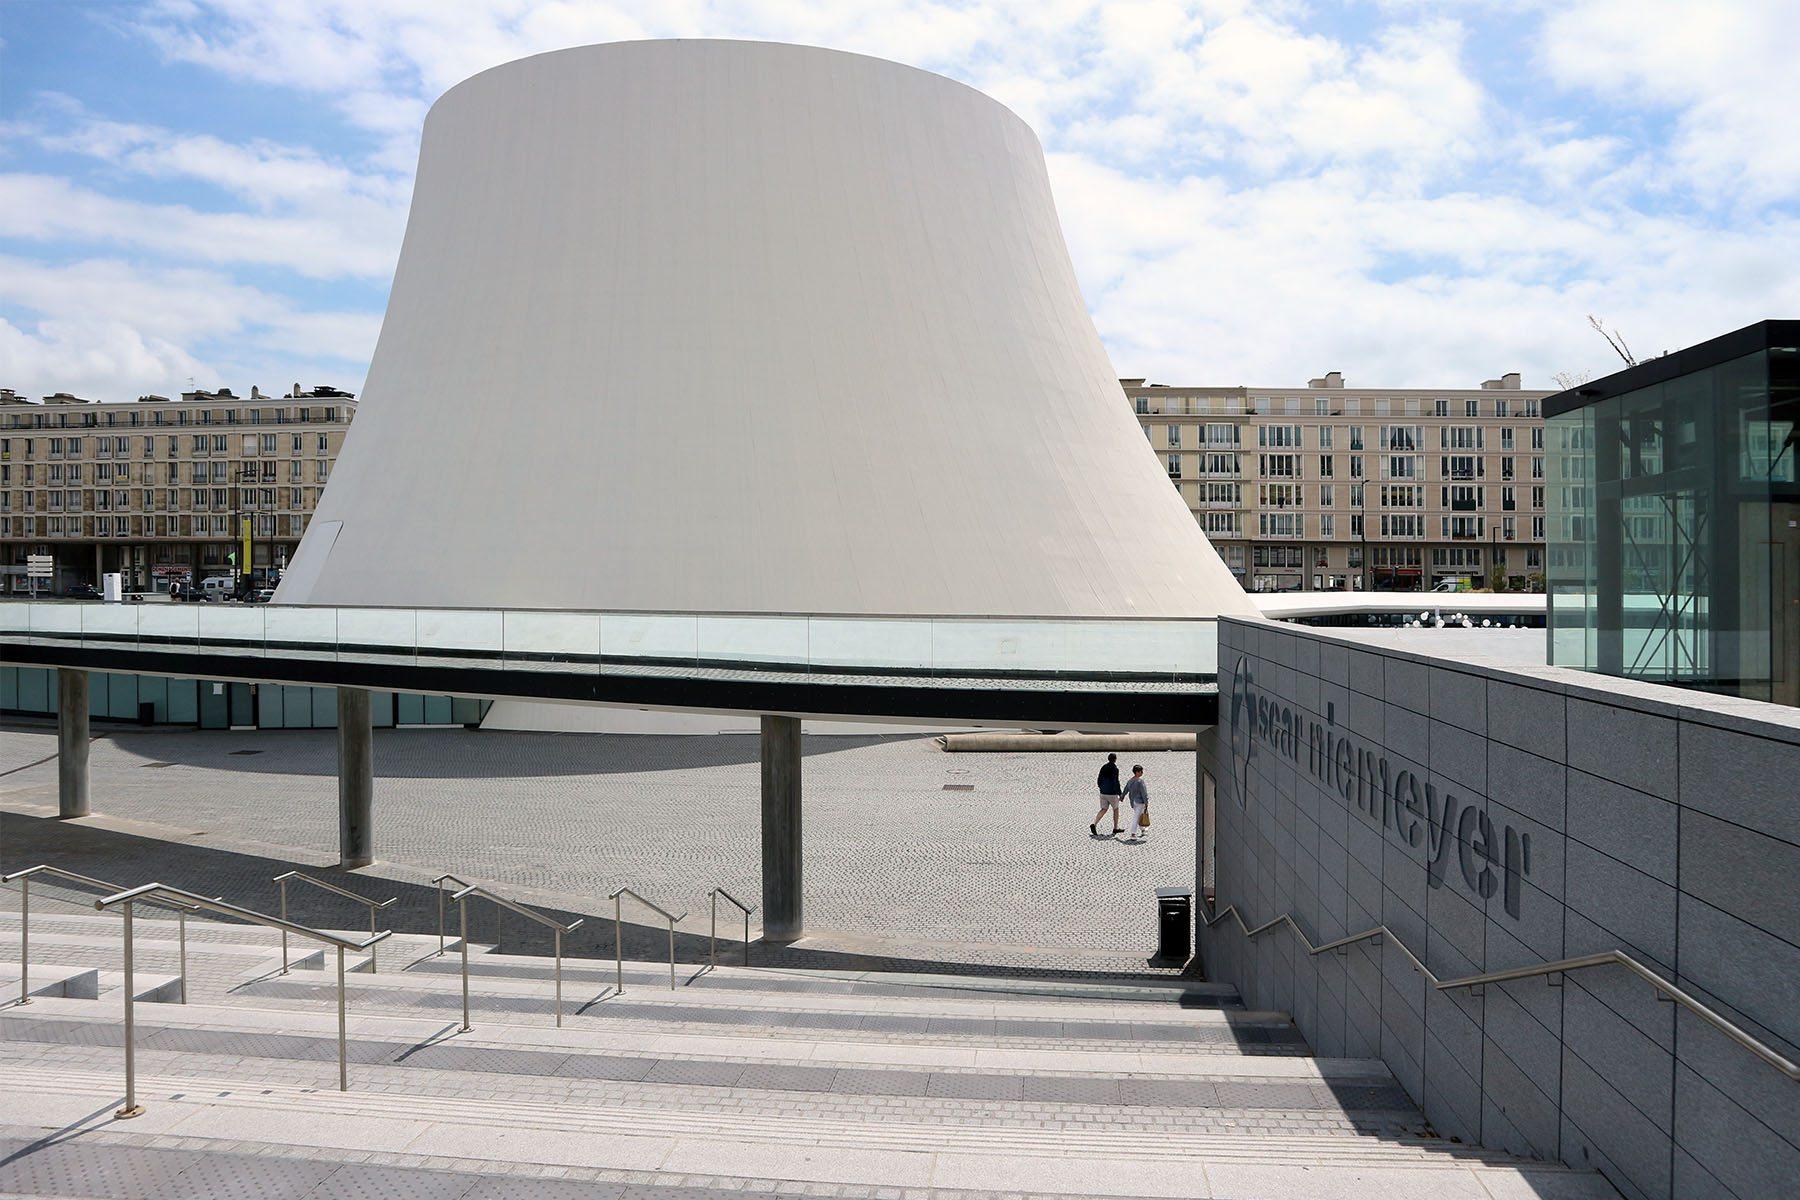 Le Volcan.  Der strahlend weiße Gebäudekomplex wurde ab 1978 von Oscar Niemeyer entworfen und 1982 als Haus der Kulturen der Welt eröffnet.